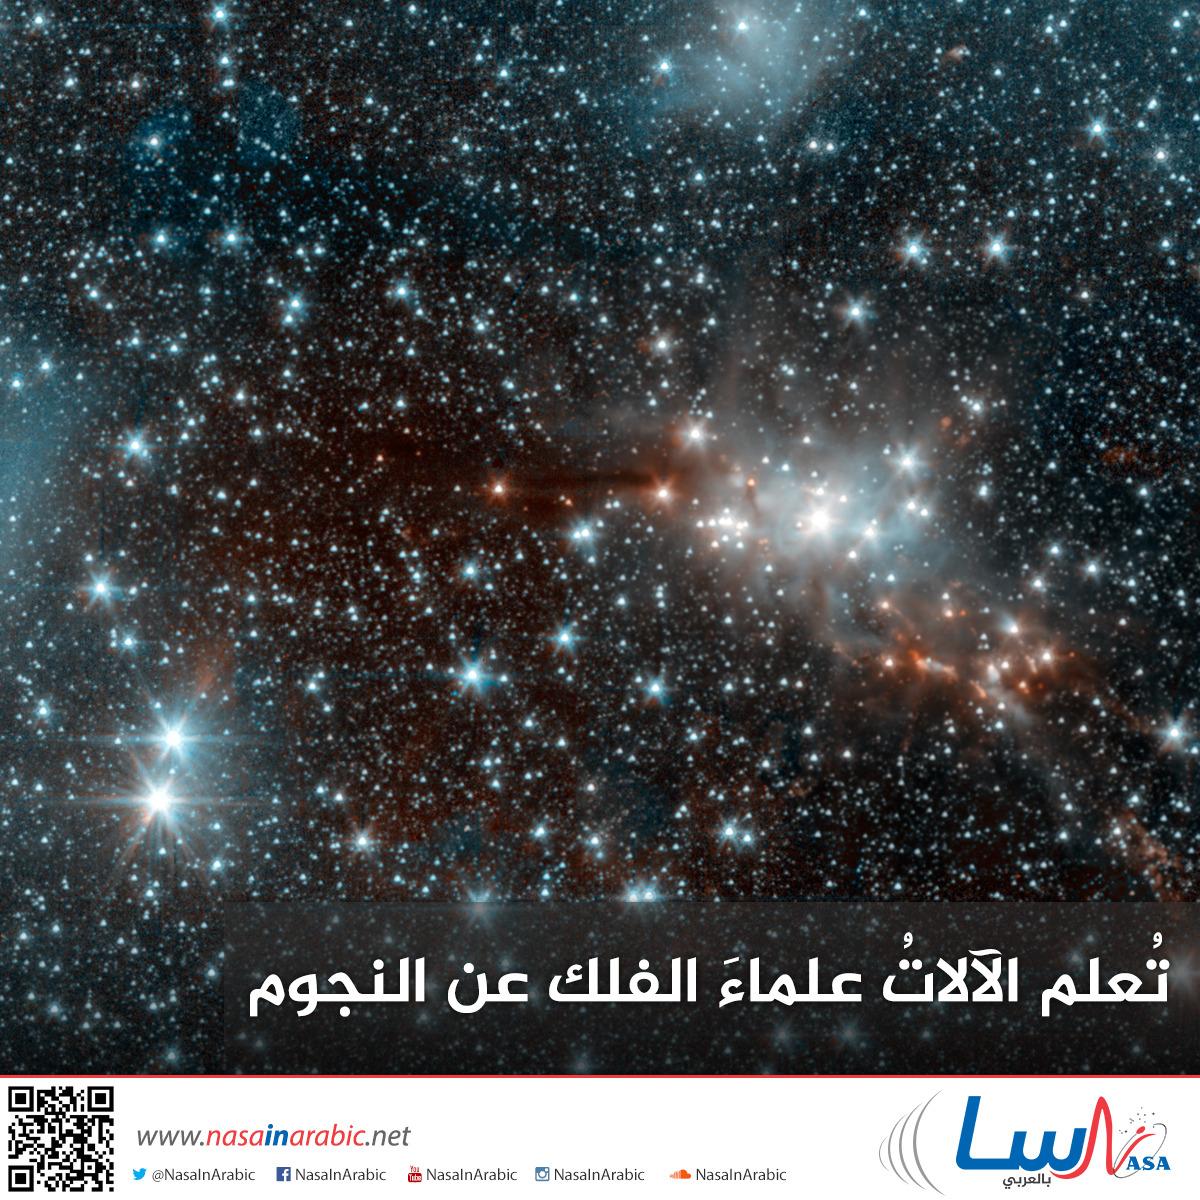 الآلات تعلم علماء الفلك عن النجوم